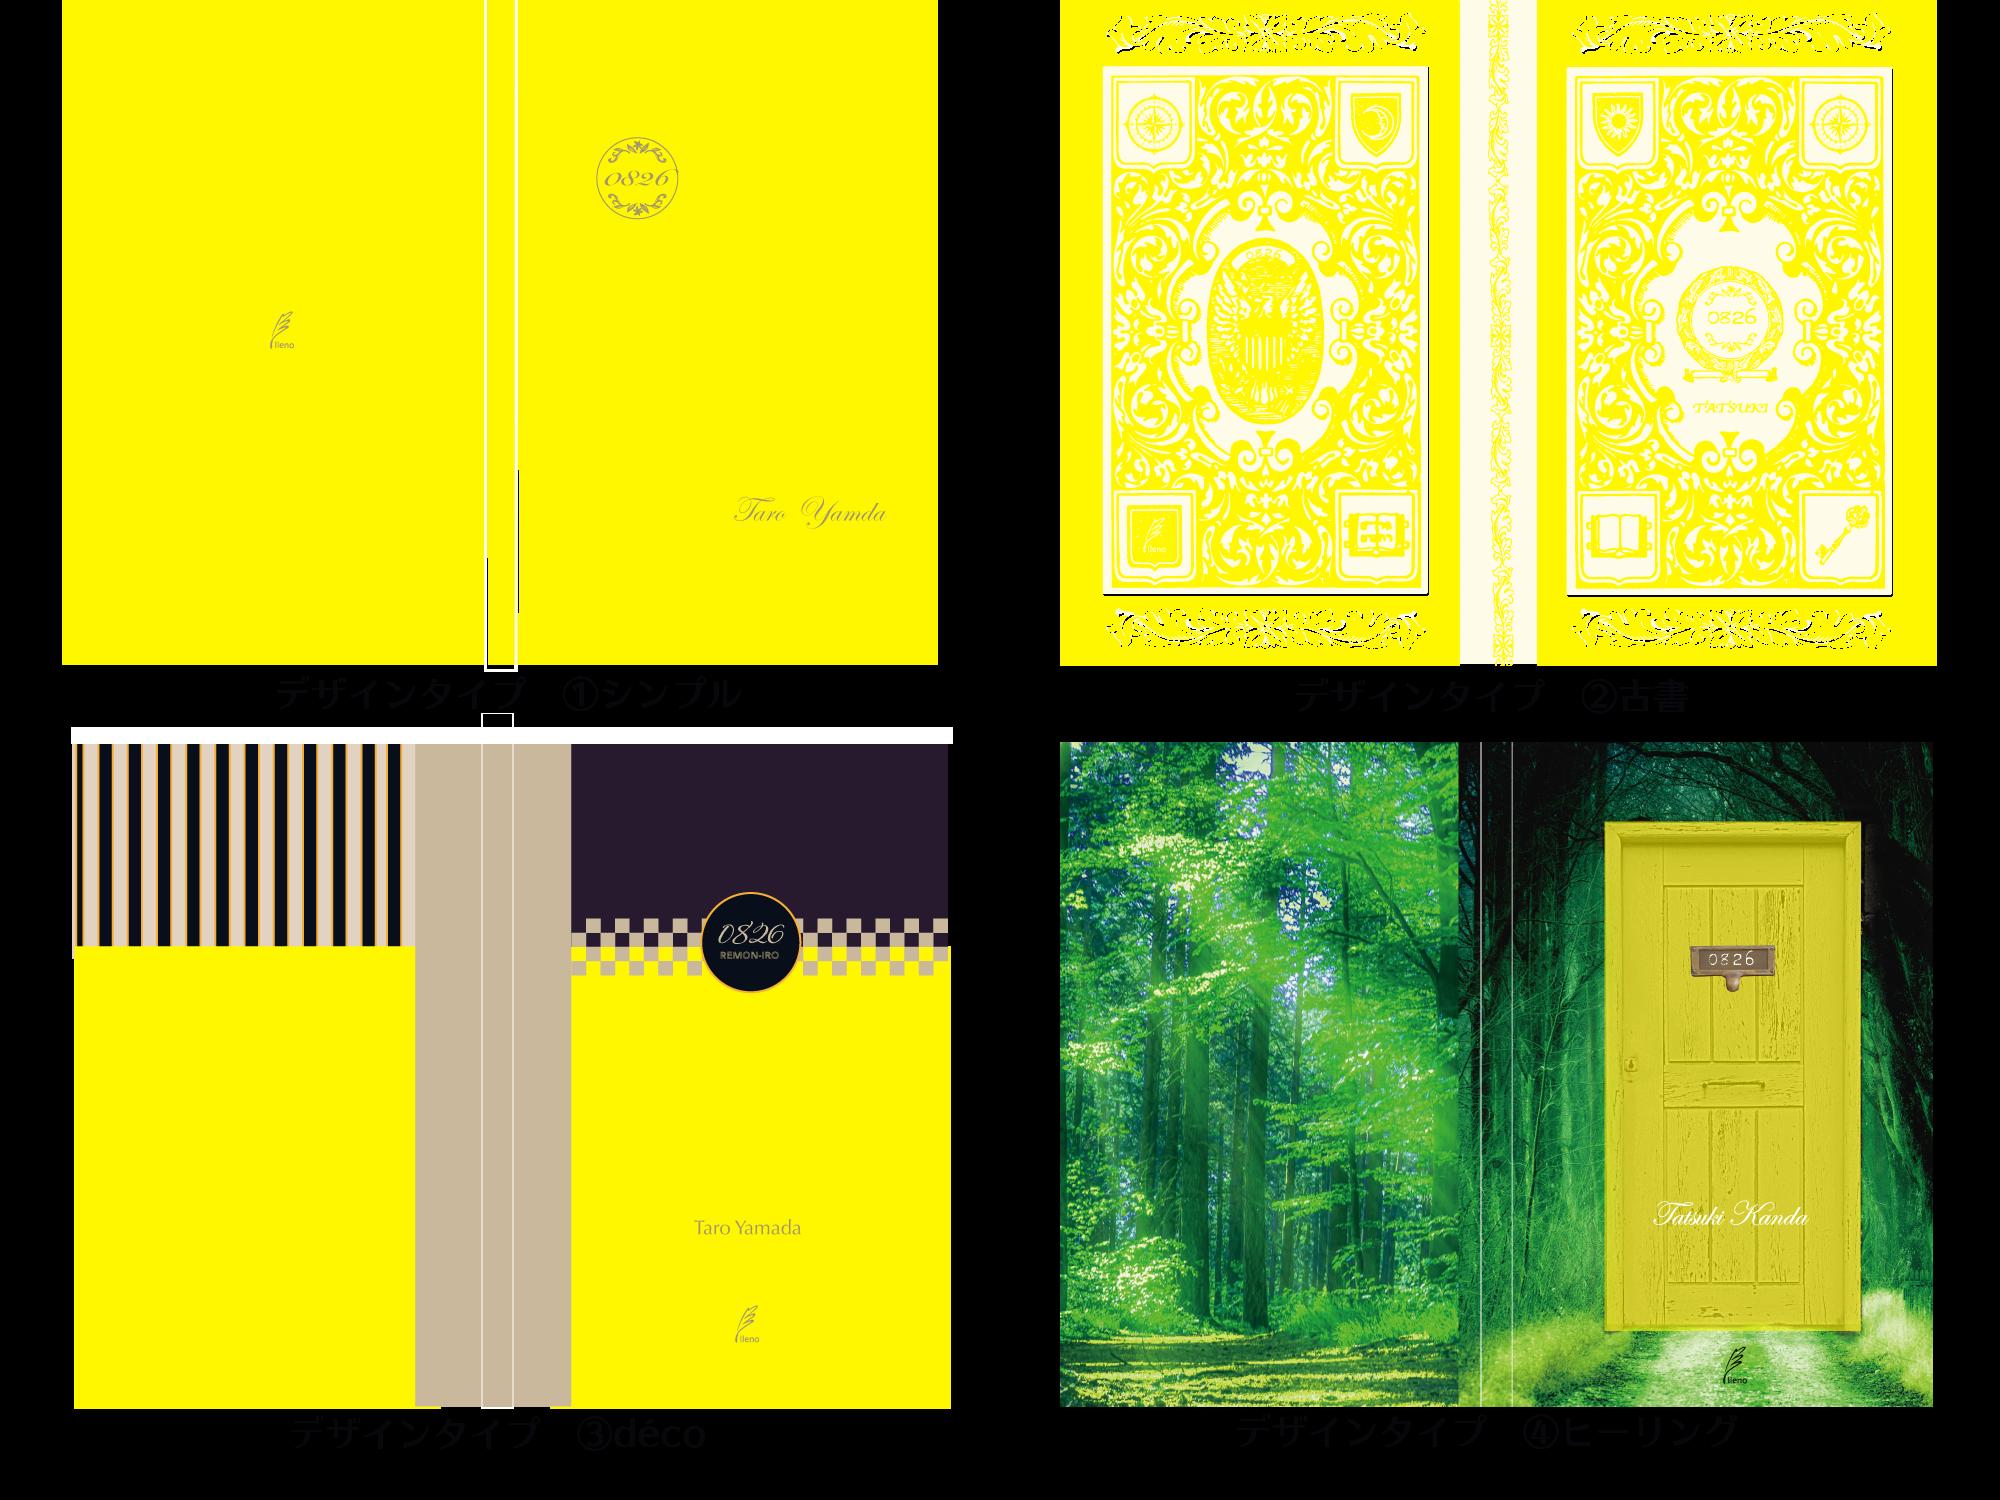 運命のノート『8月26日 檸檬色』(鑑定&メッセージカード付)